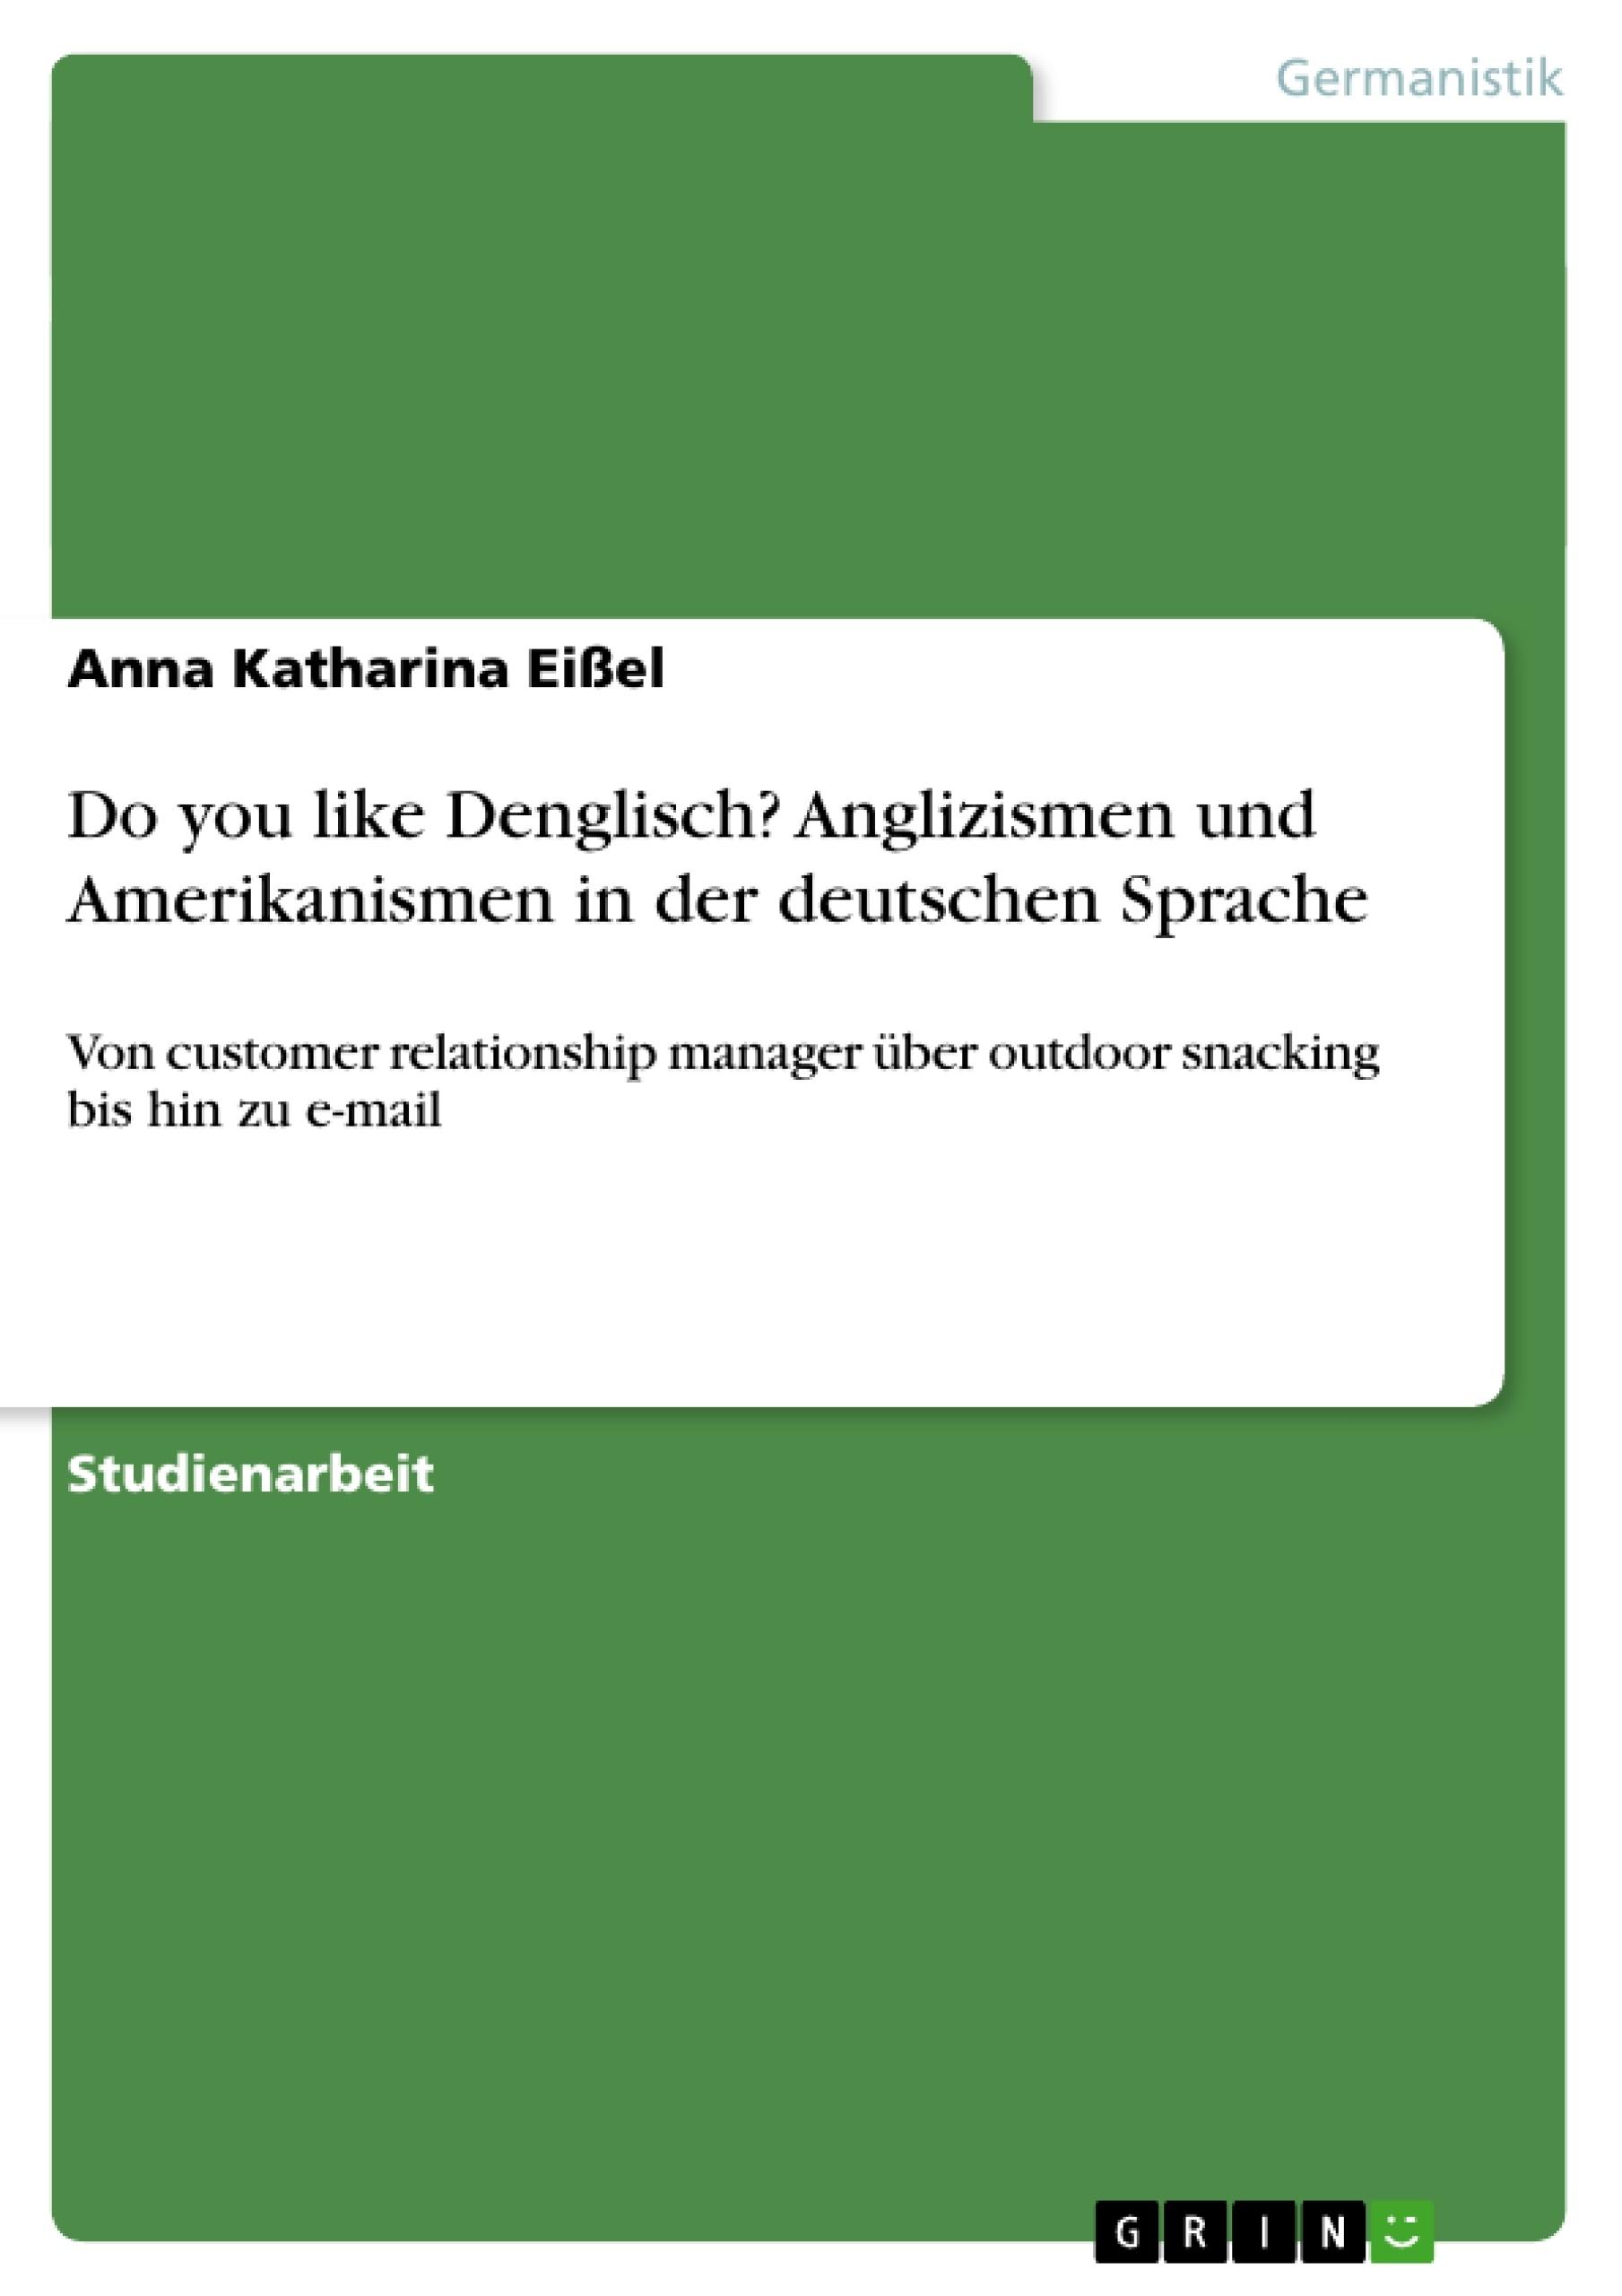 Titel: Do you like Denglisch? Anglizismen und Amerikanismen in der deutschen Sprache